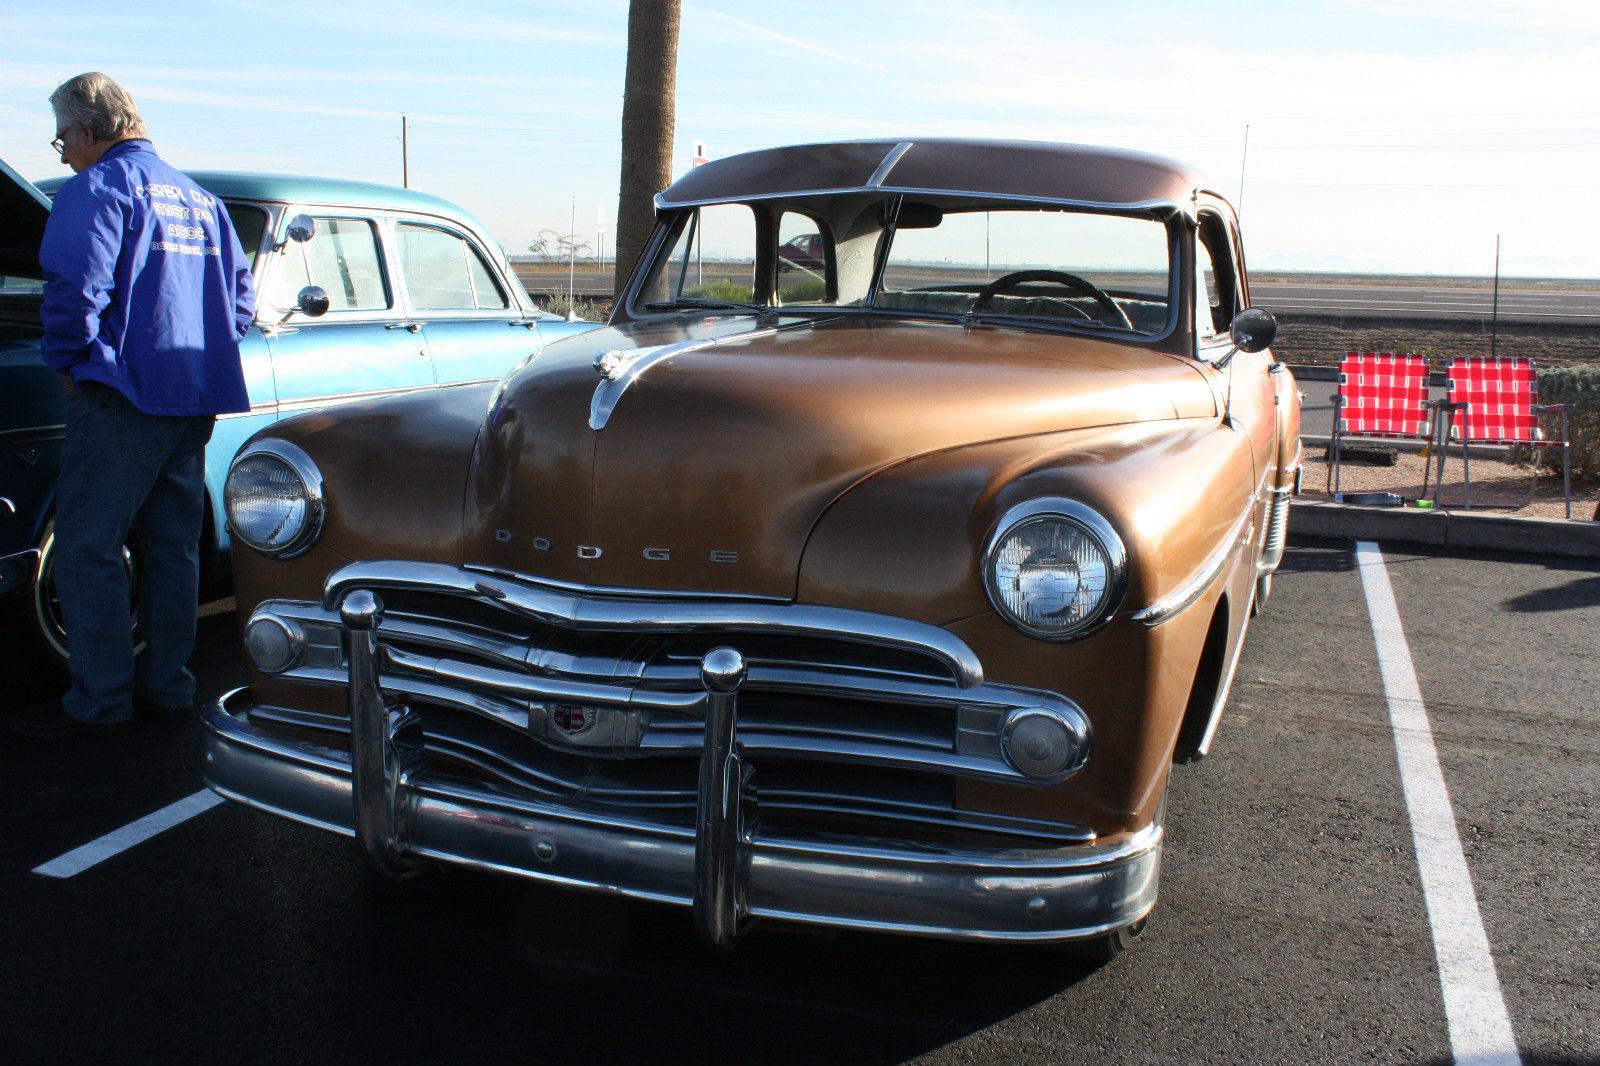 1950 Dodge Coronet Base Flat Head 6 Cyl 1949 2 Door